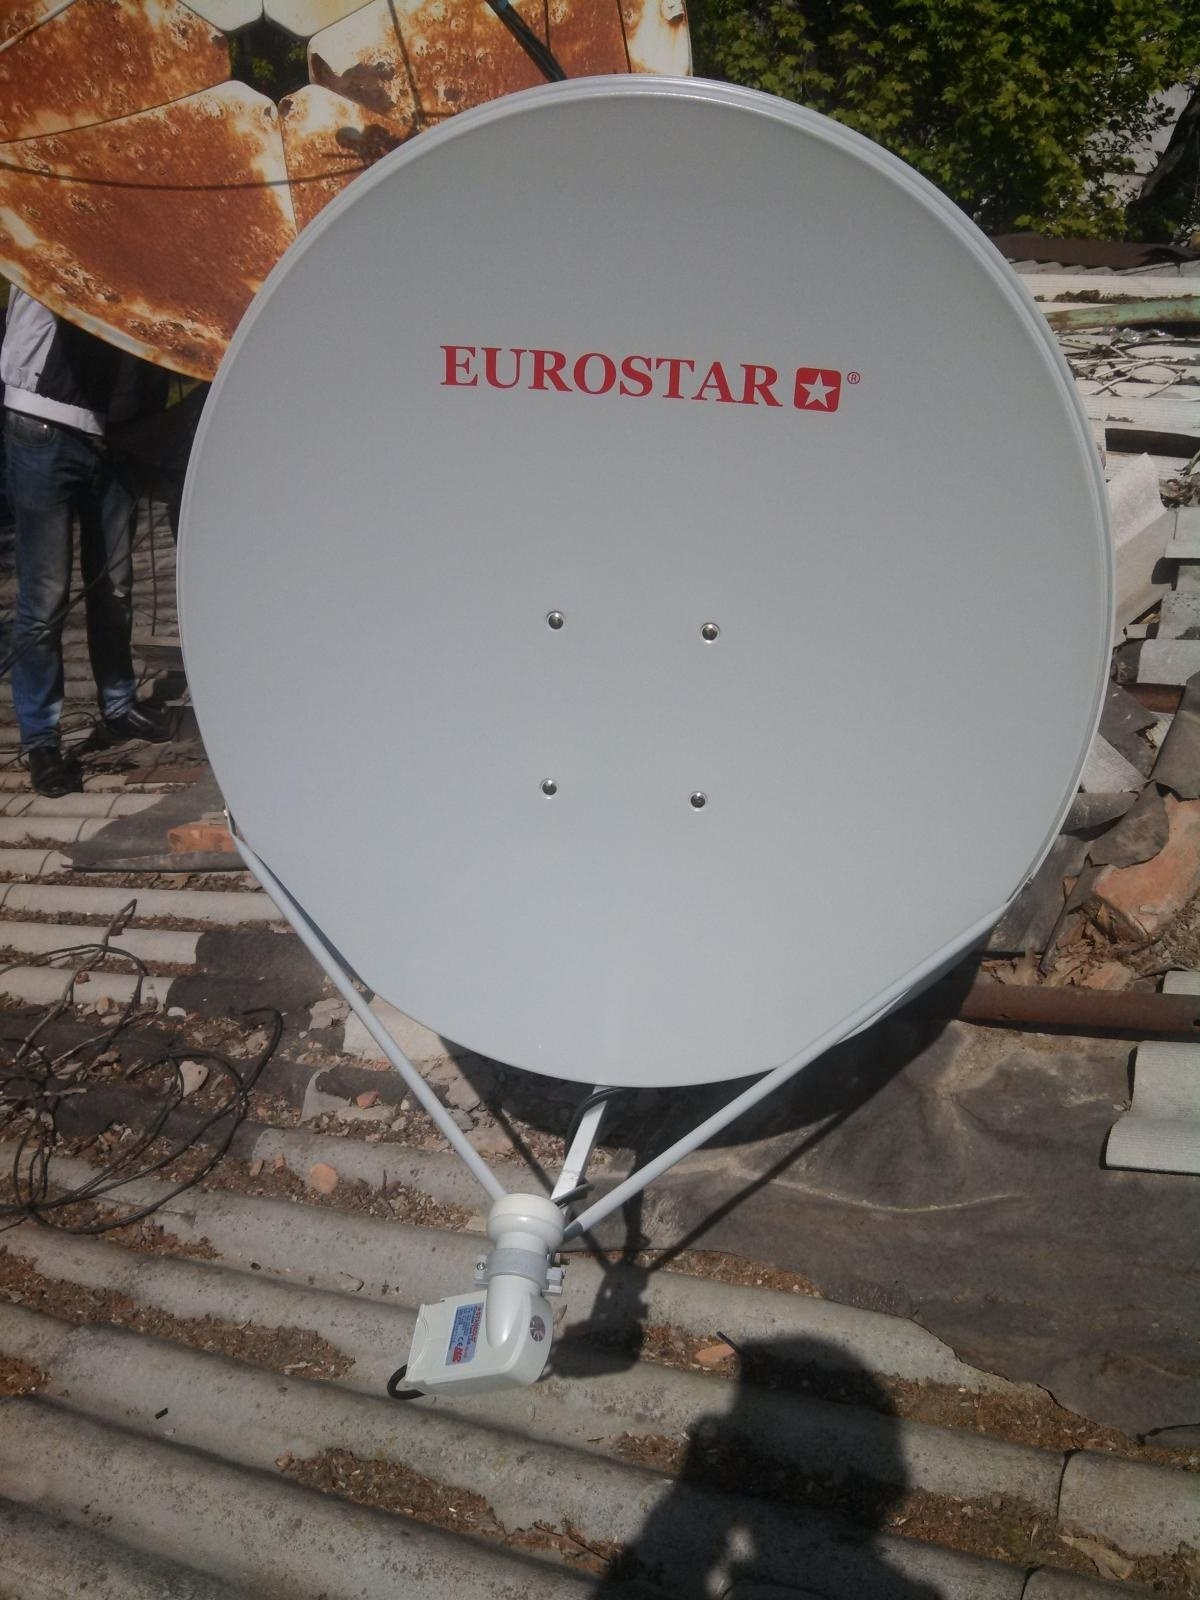 Как самому сделать спутниковую антенну Cпутниковая антенна 33